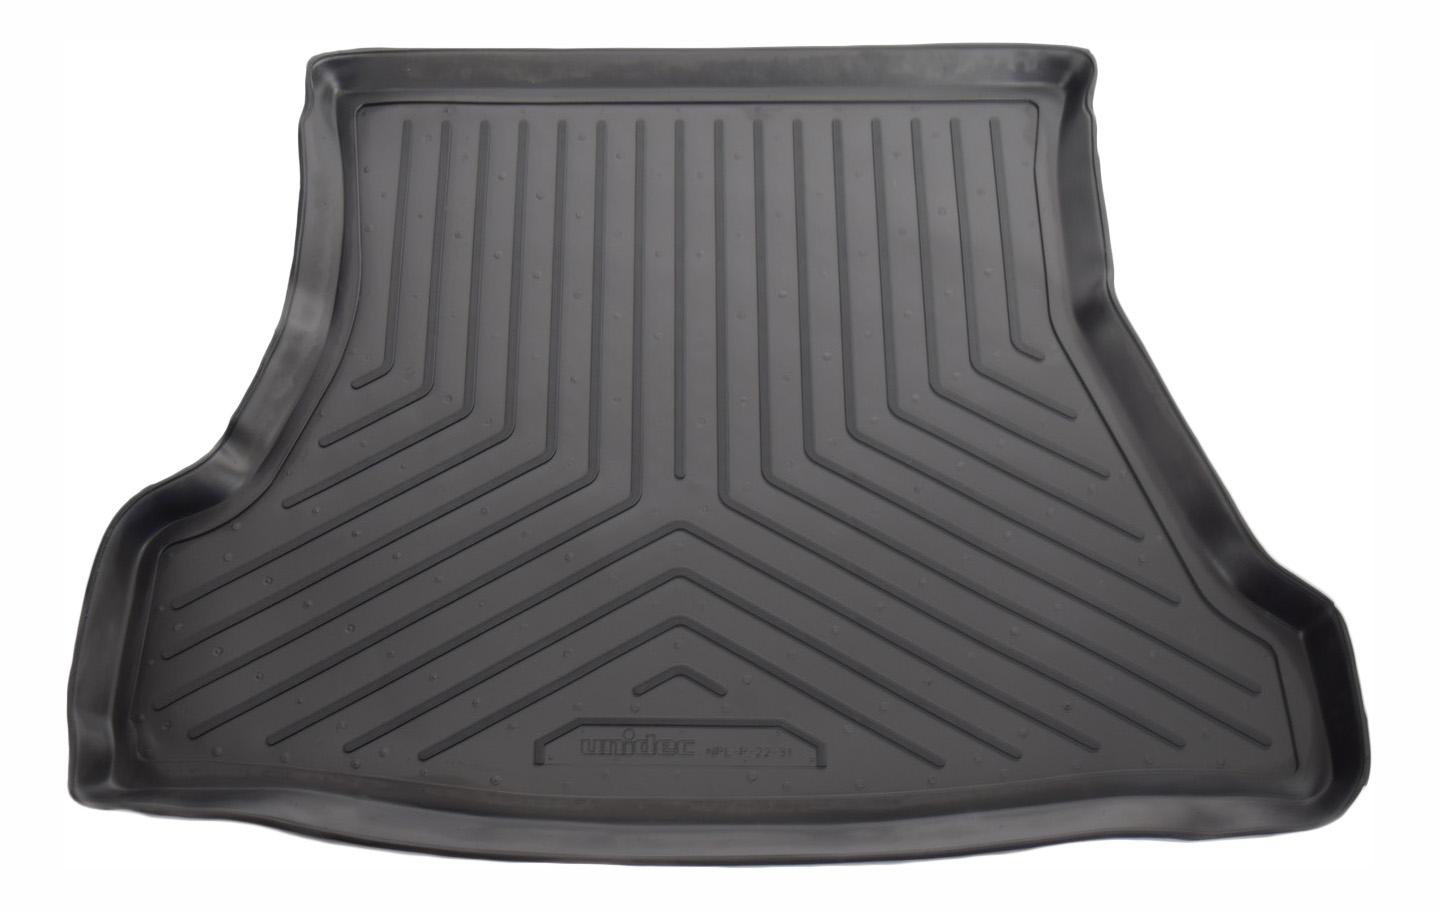 Коврик в багажник автомобиля для Ford Norplast (NPL-P-22-31)